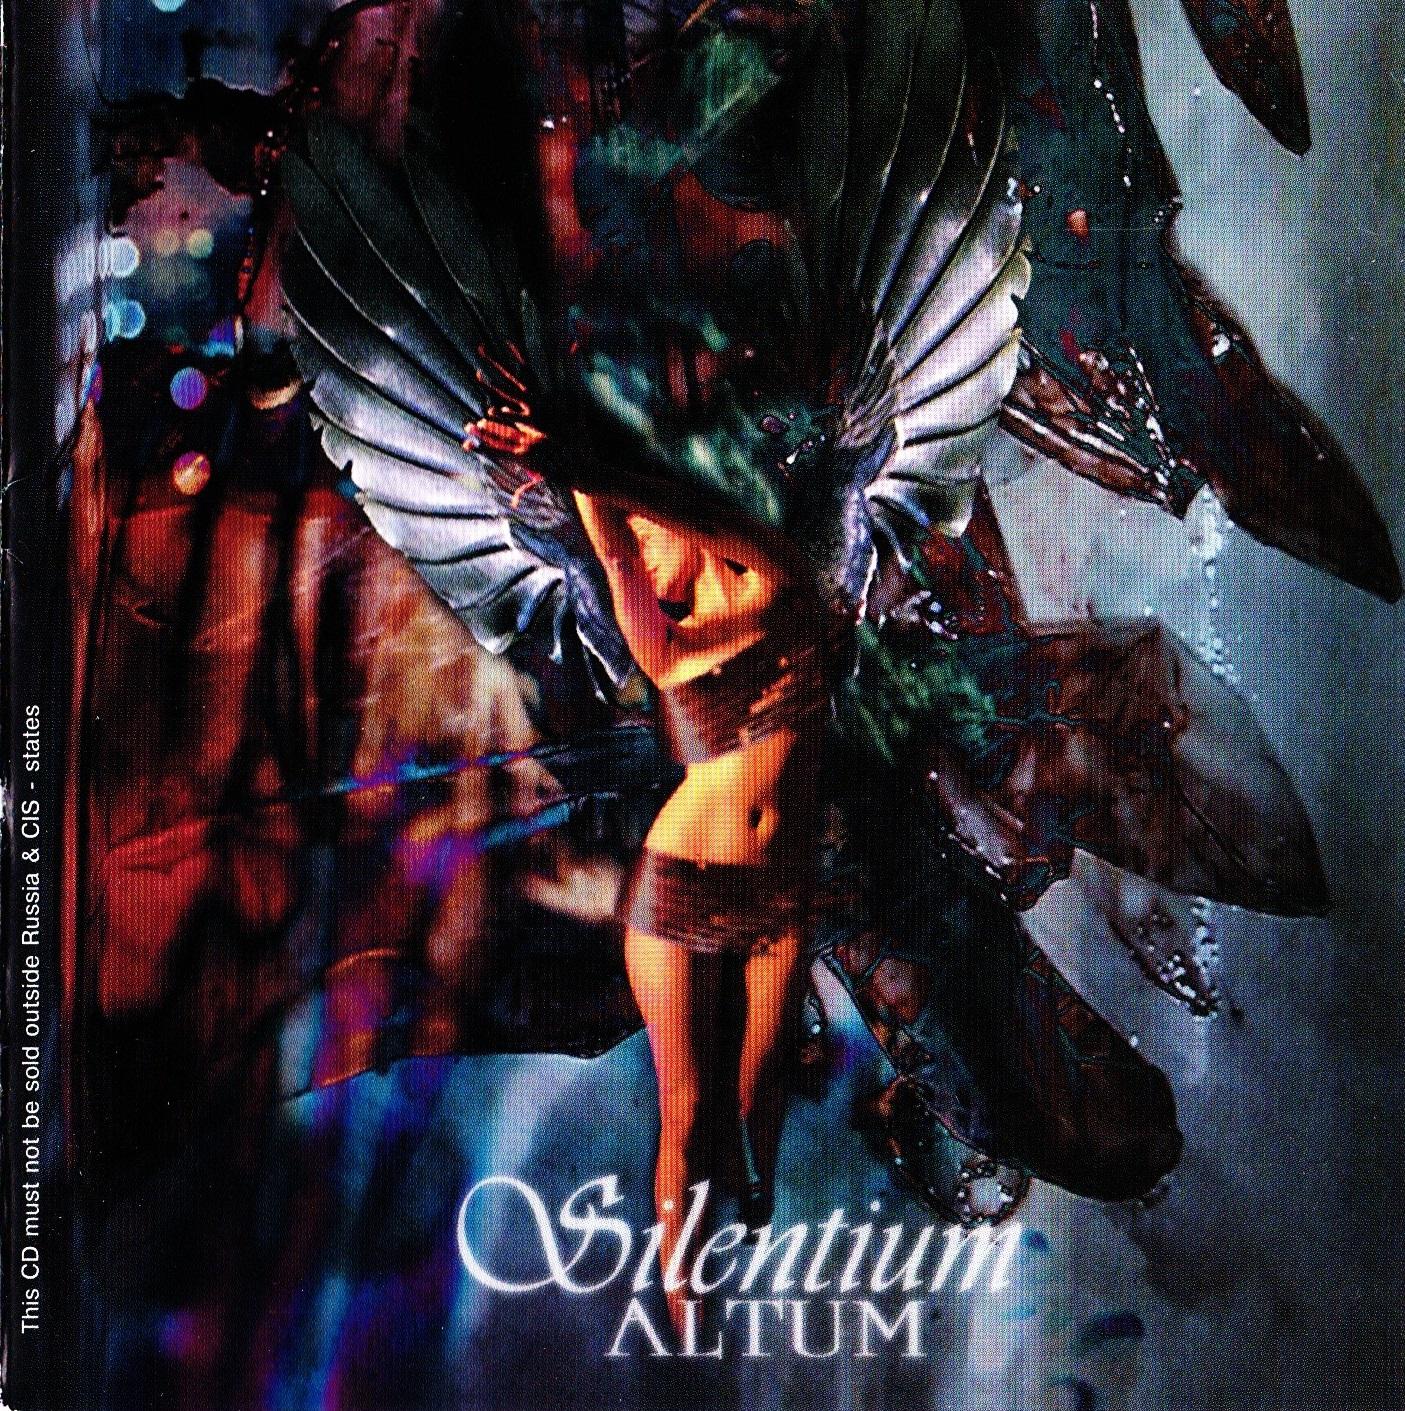 Silentium — Altum (2001)